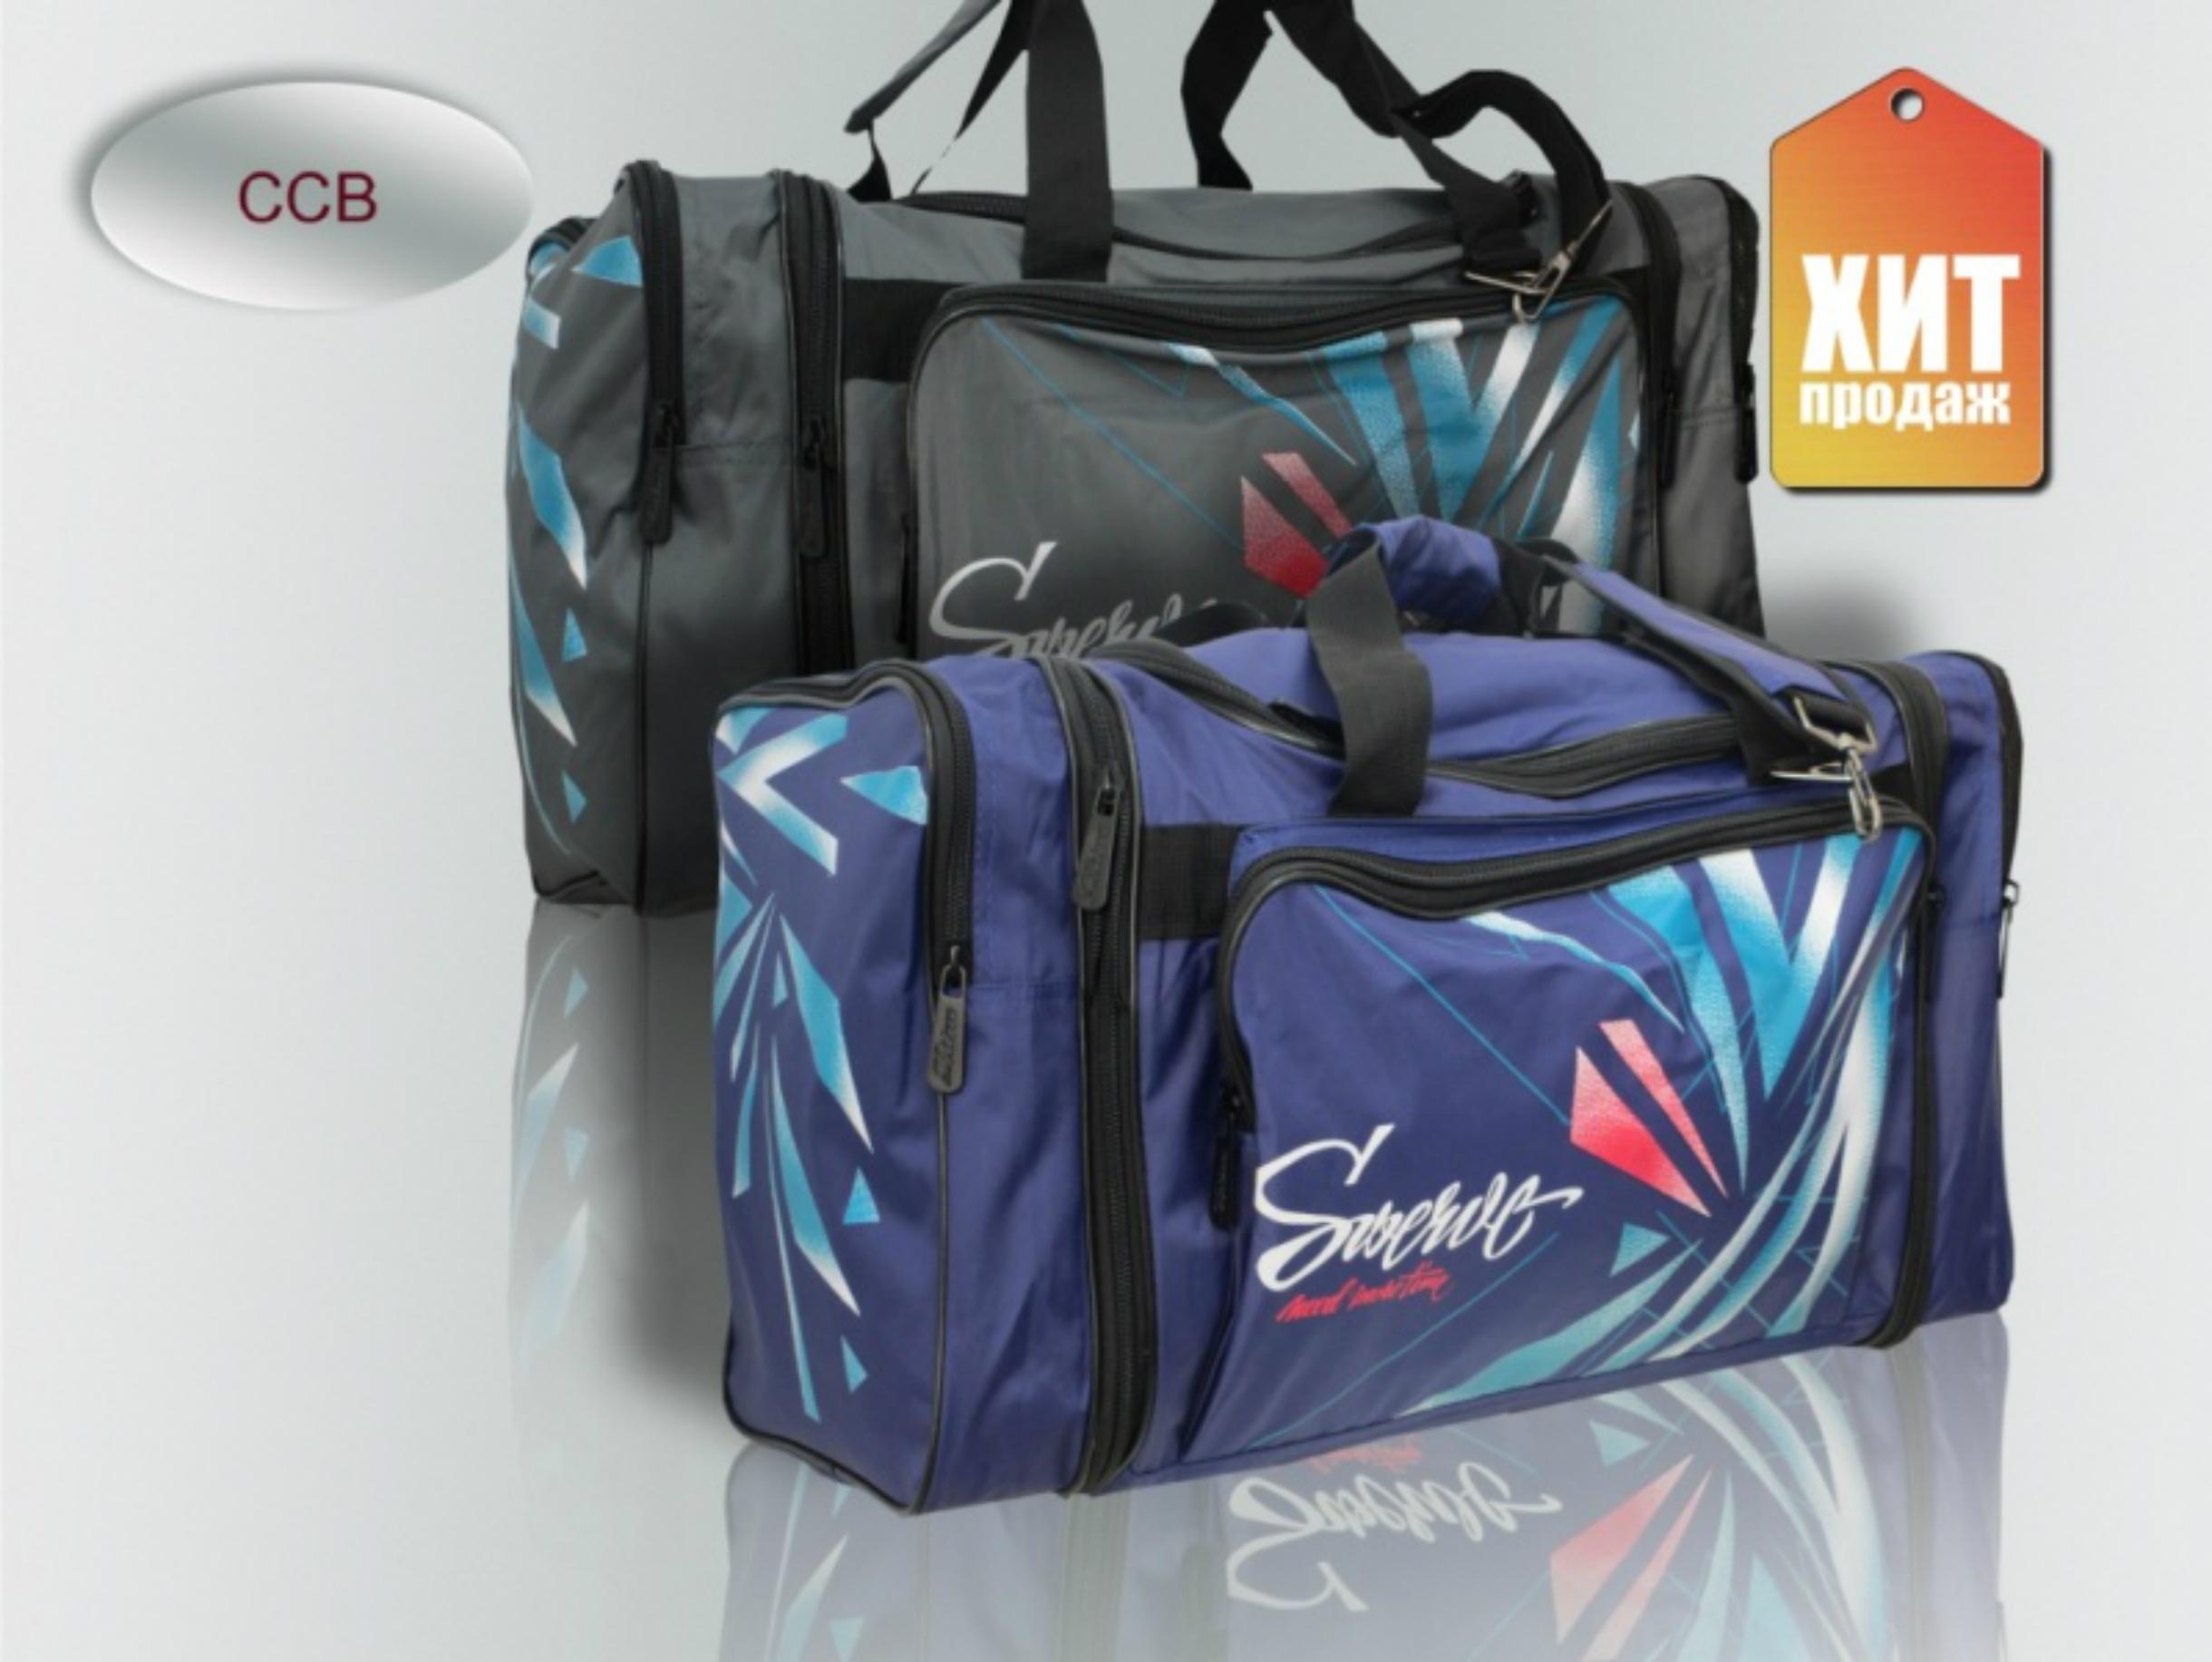 Сбор заказов. Таких цен нет нигде! Сумки дорожные, сумки спортивные, сумки для фитнеса - удобные и вместительные! - 3